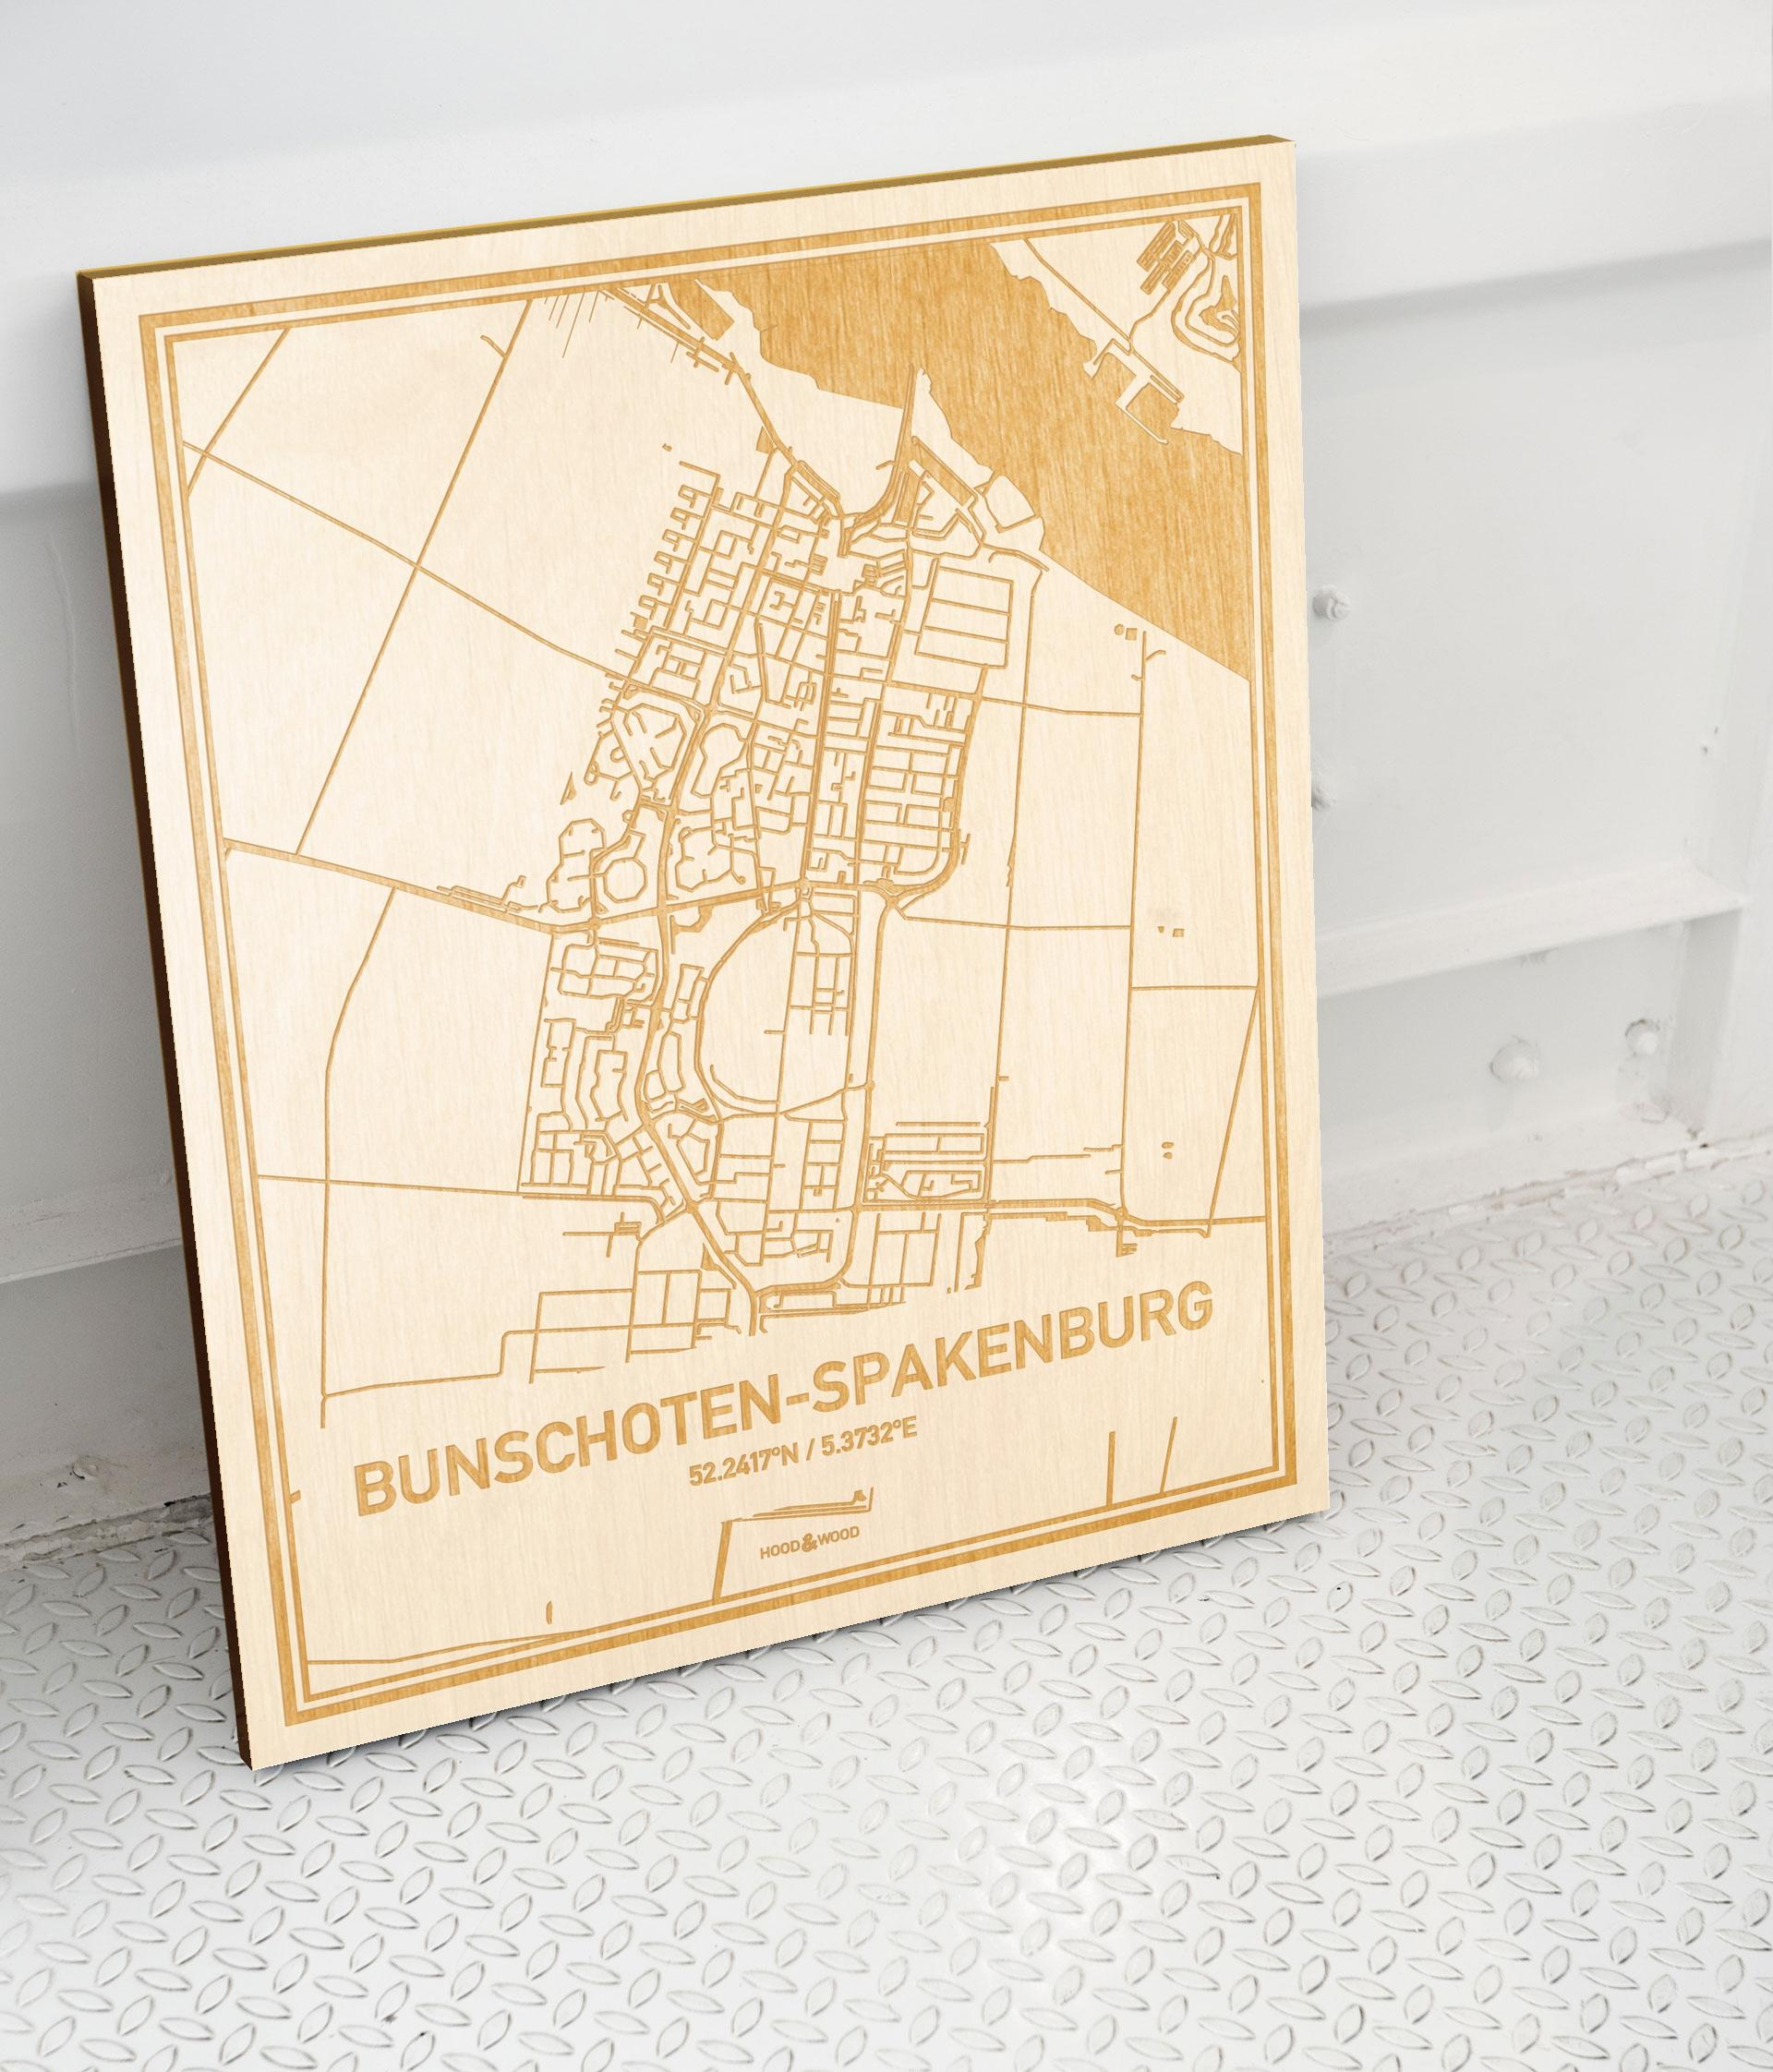 Plattegrond Bunschoten-Spakenburg als prachtige houten wanddecoratie. Het warme hout contrasteert mooi met de witte muur.